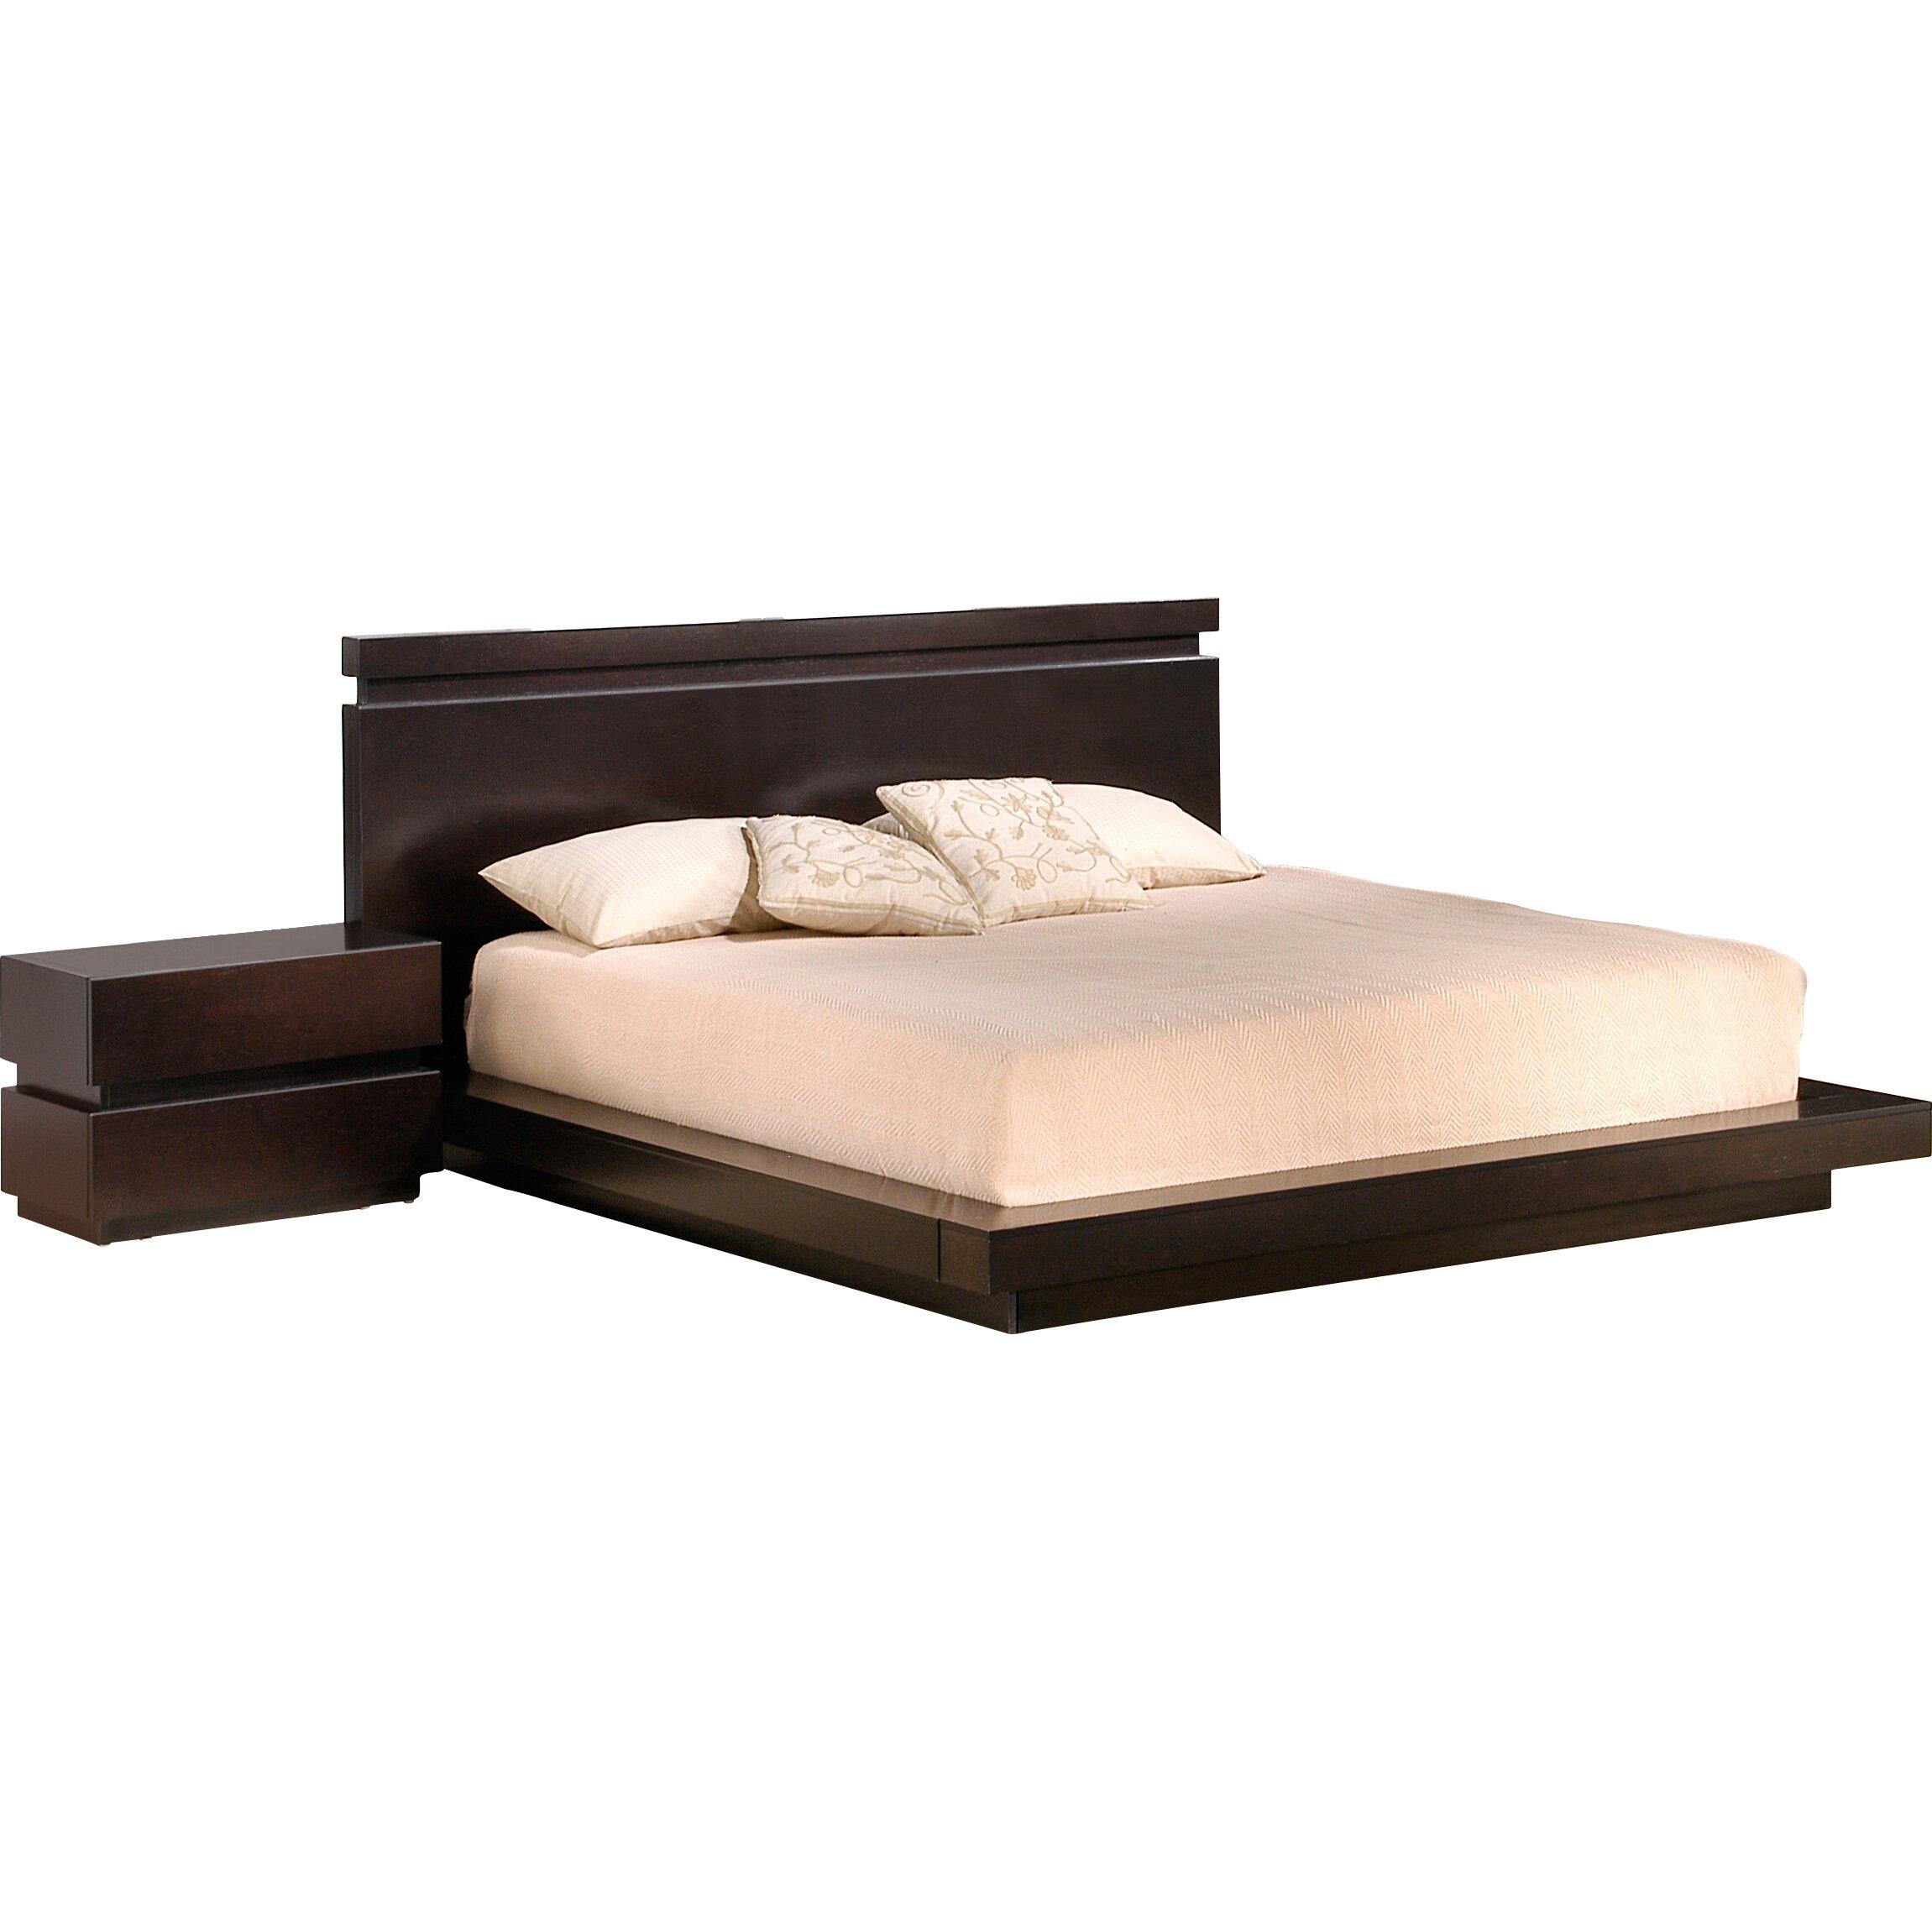 Platform Bedroom Furniture Knotch Platform Bed Reviews Allmodern